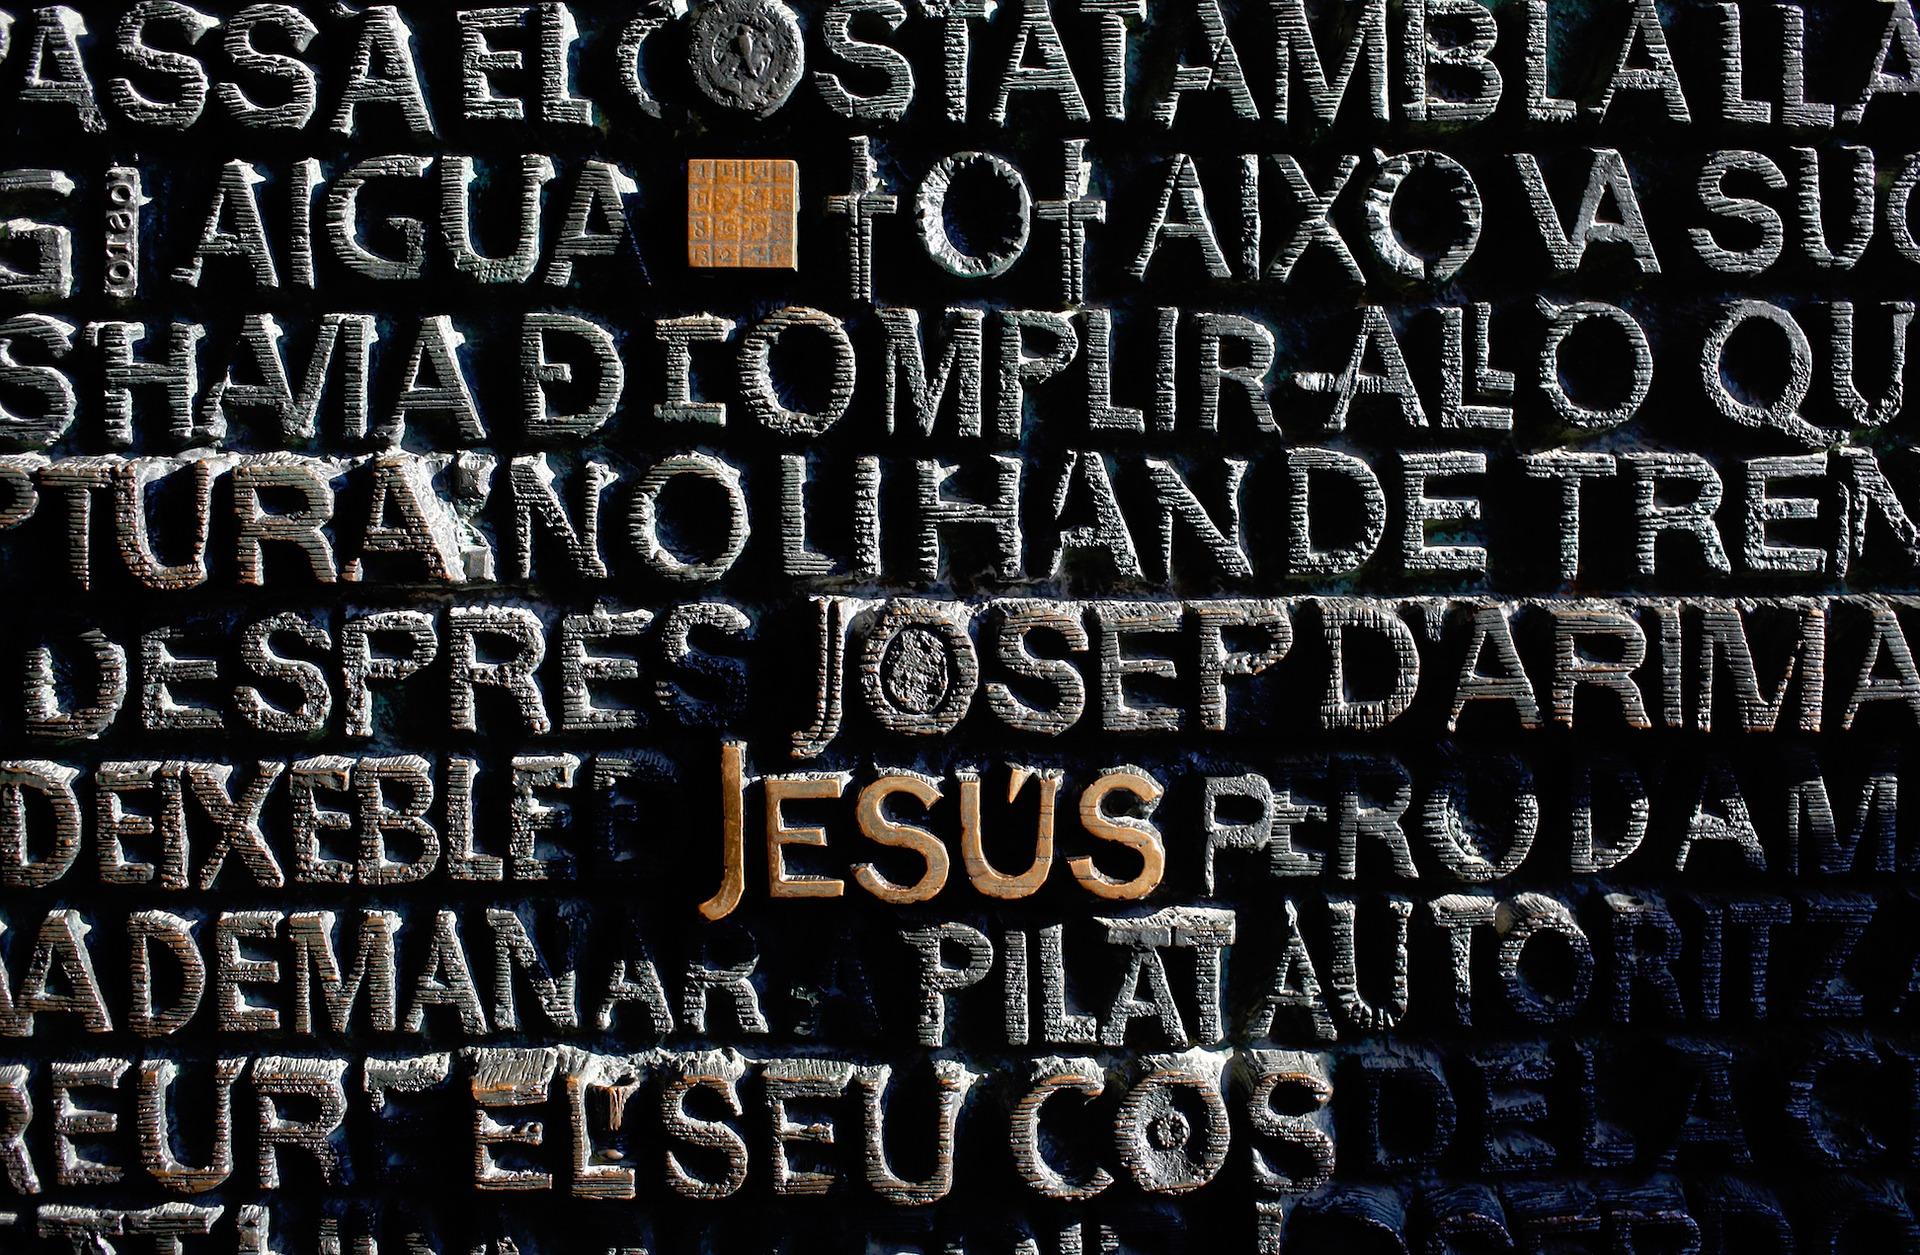 sagrada石版